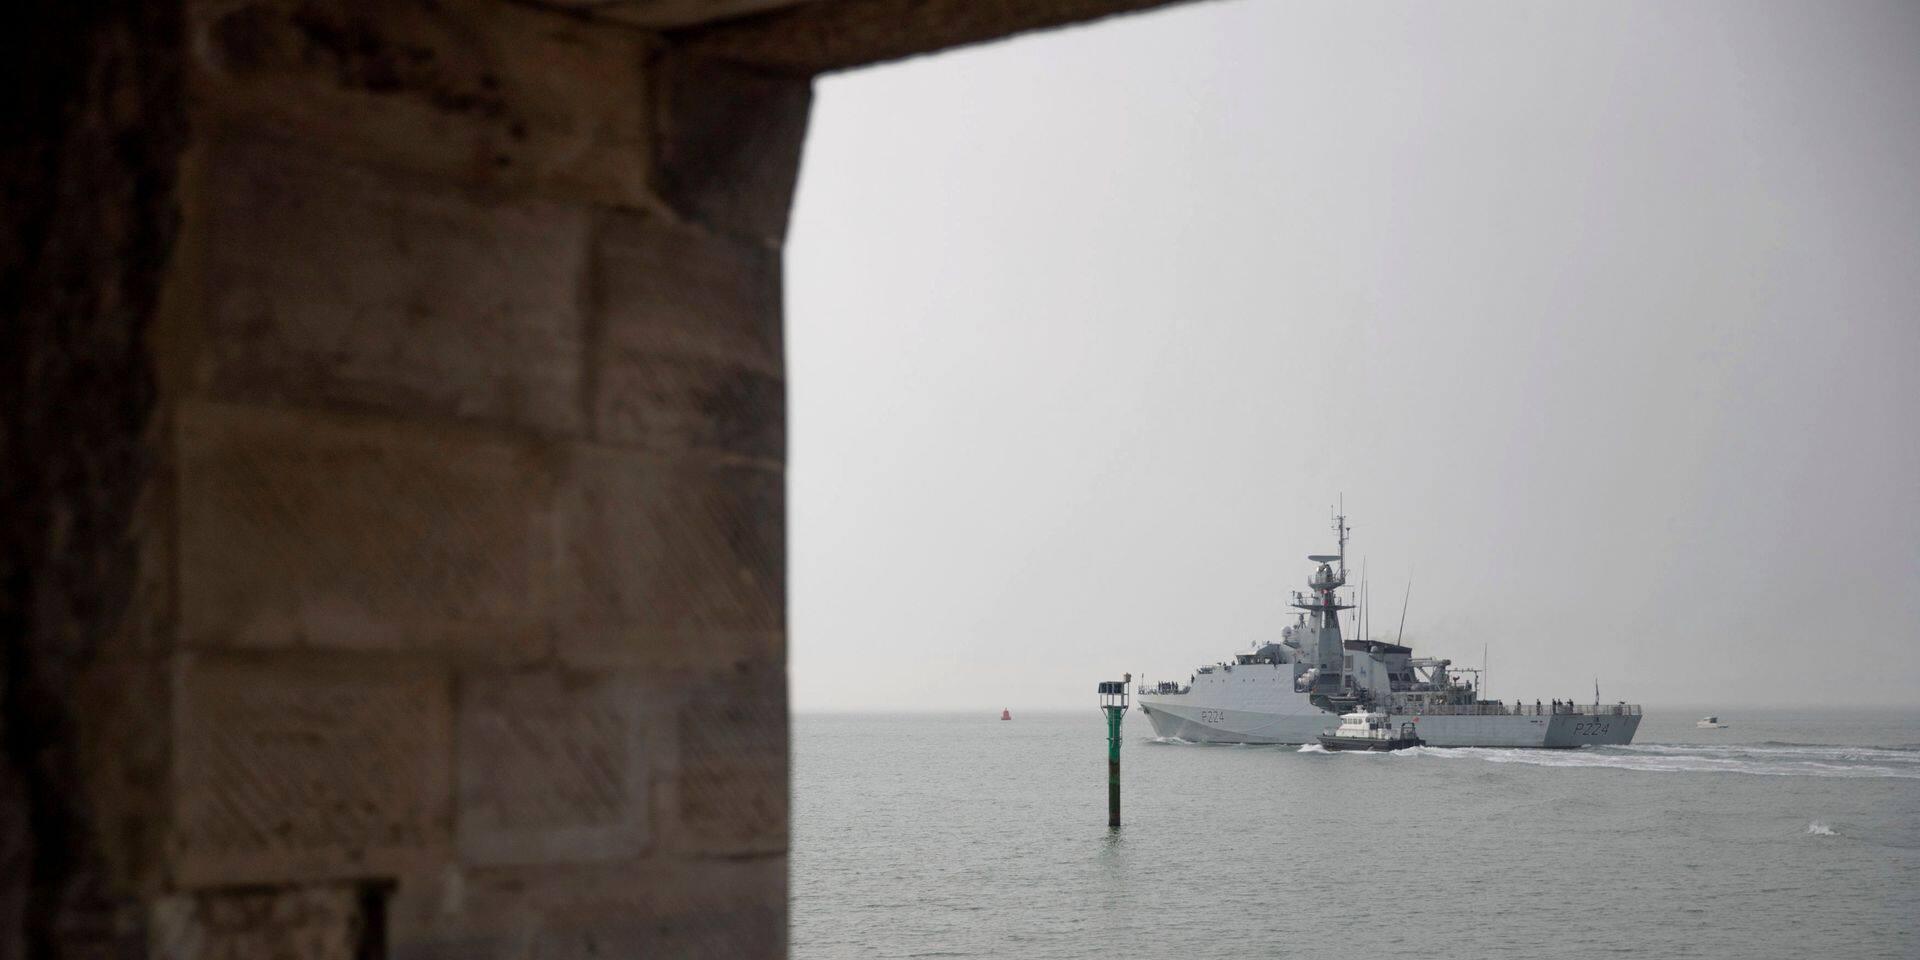 """Le Royaume-Uni va déployer deux navires de guerre en mer Noire pour """"soutenir la souveraineté et l'intégrité territoriale de l'Ukraine"""""""